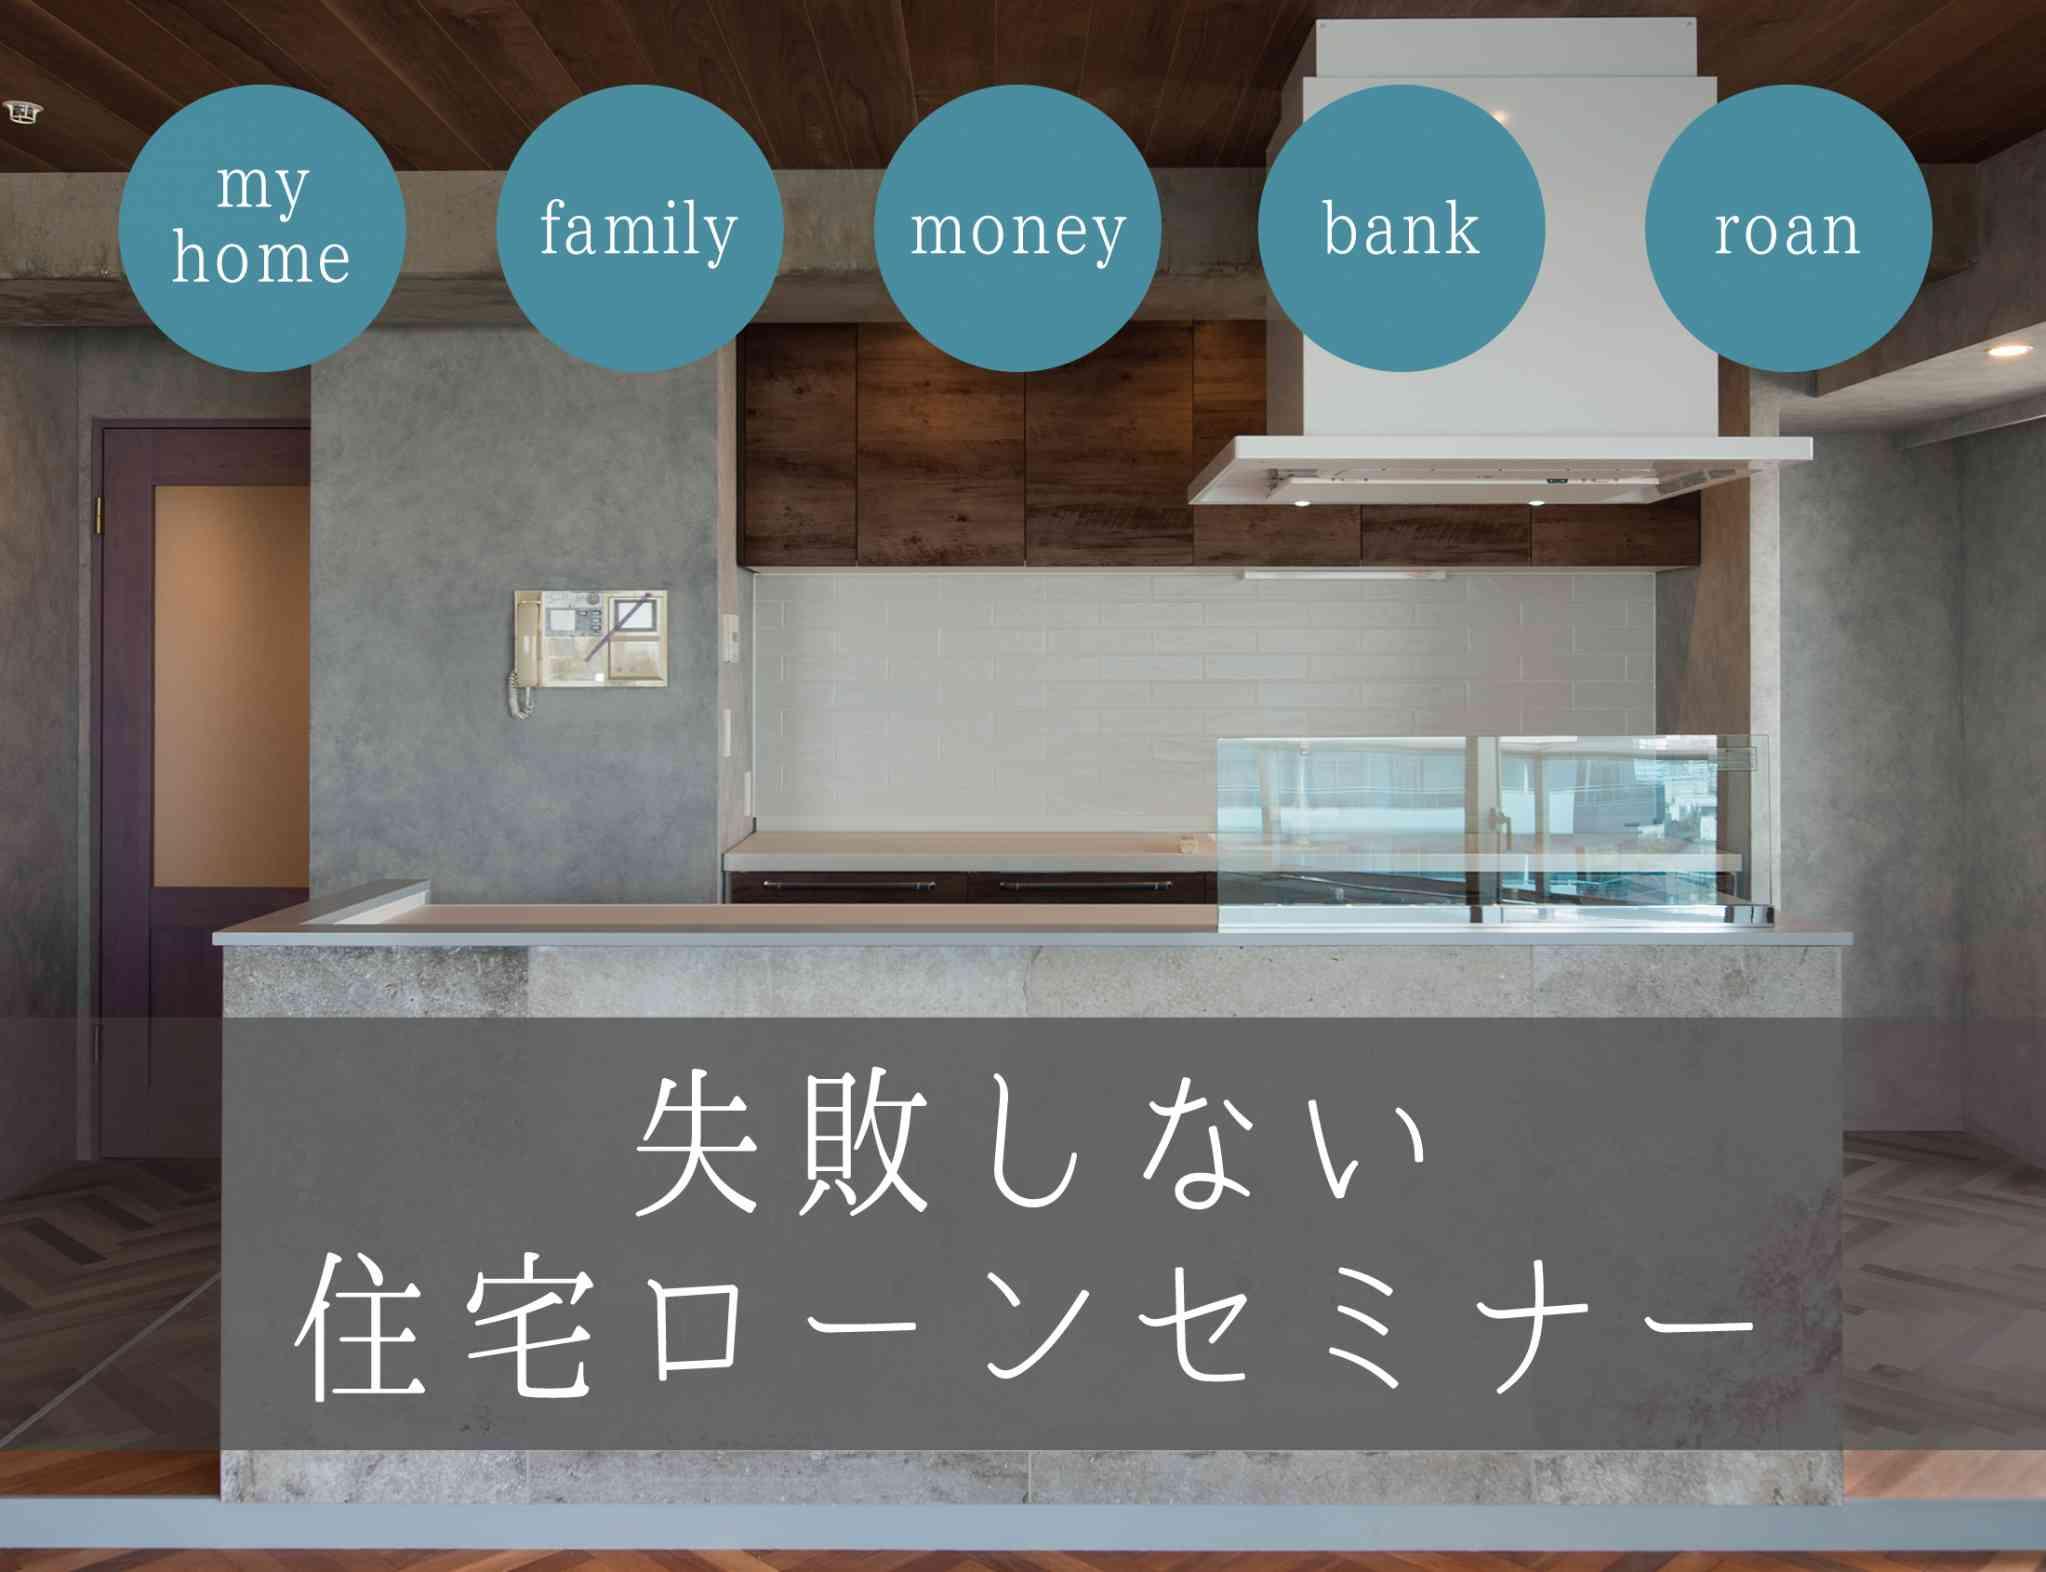 【徹底比較&診断】失敗しない住宅ローンセミナー